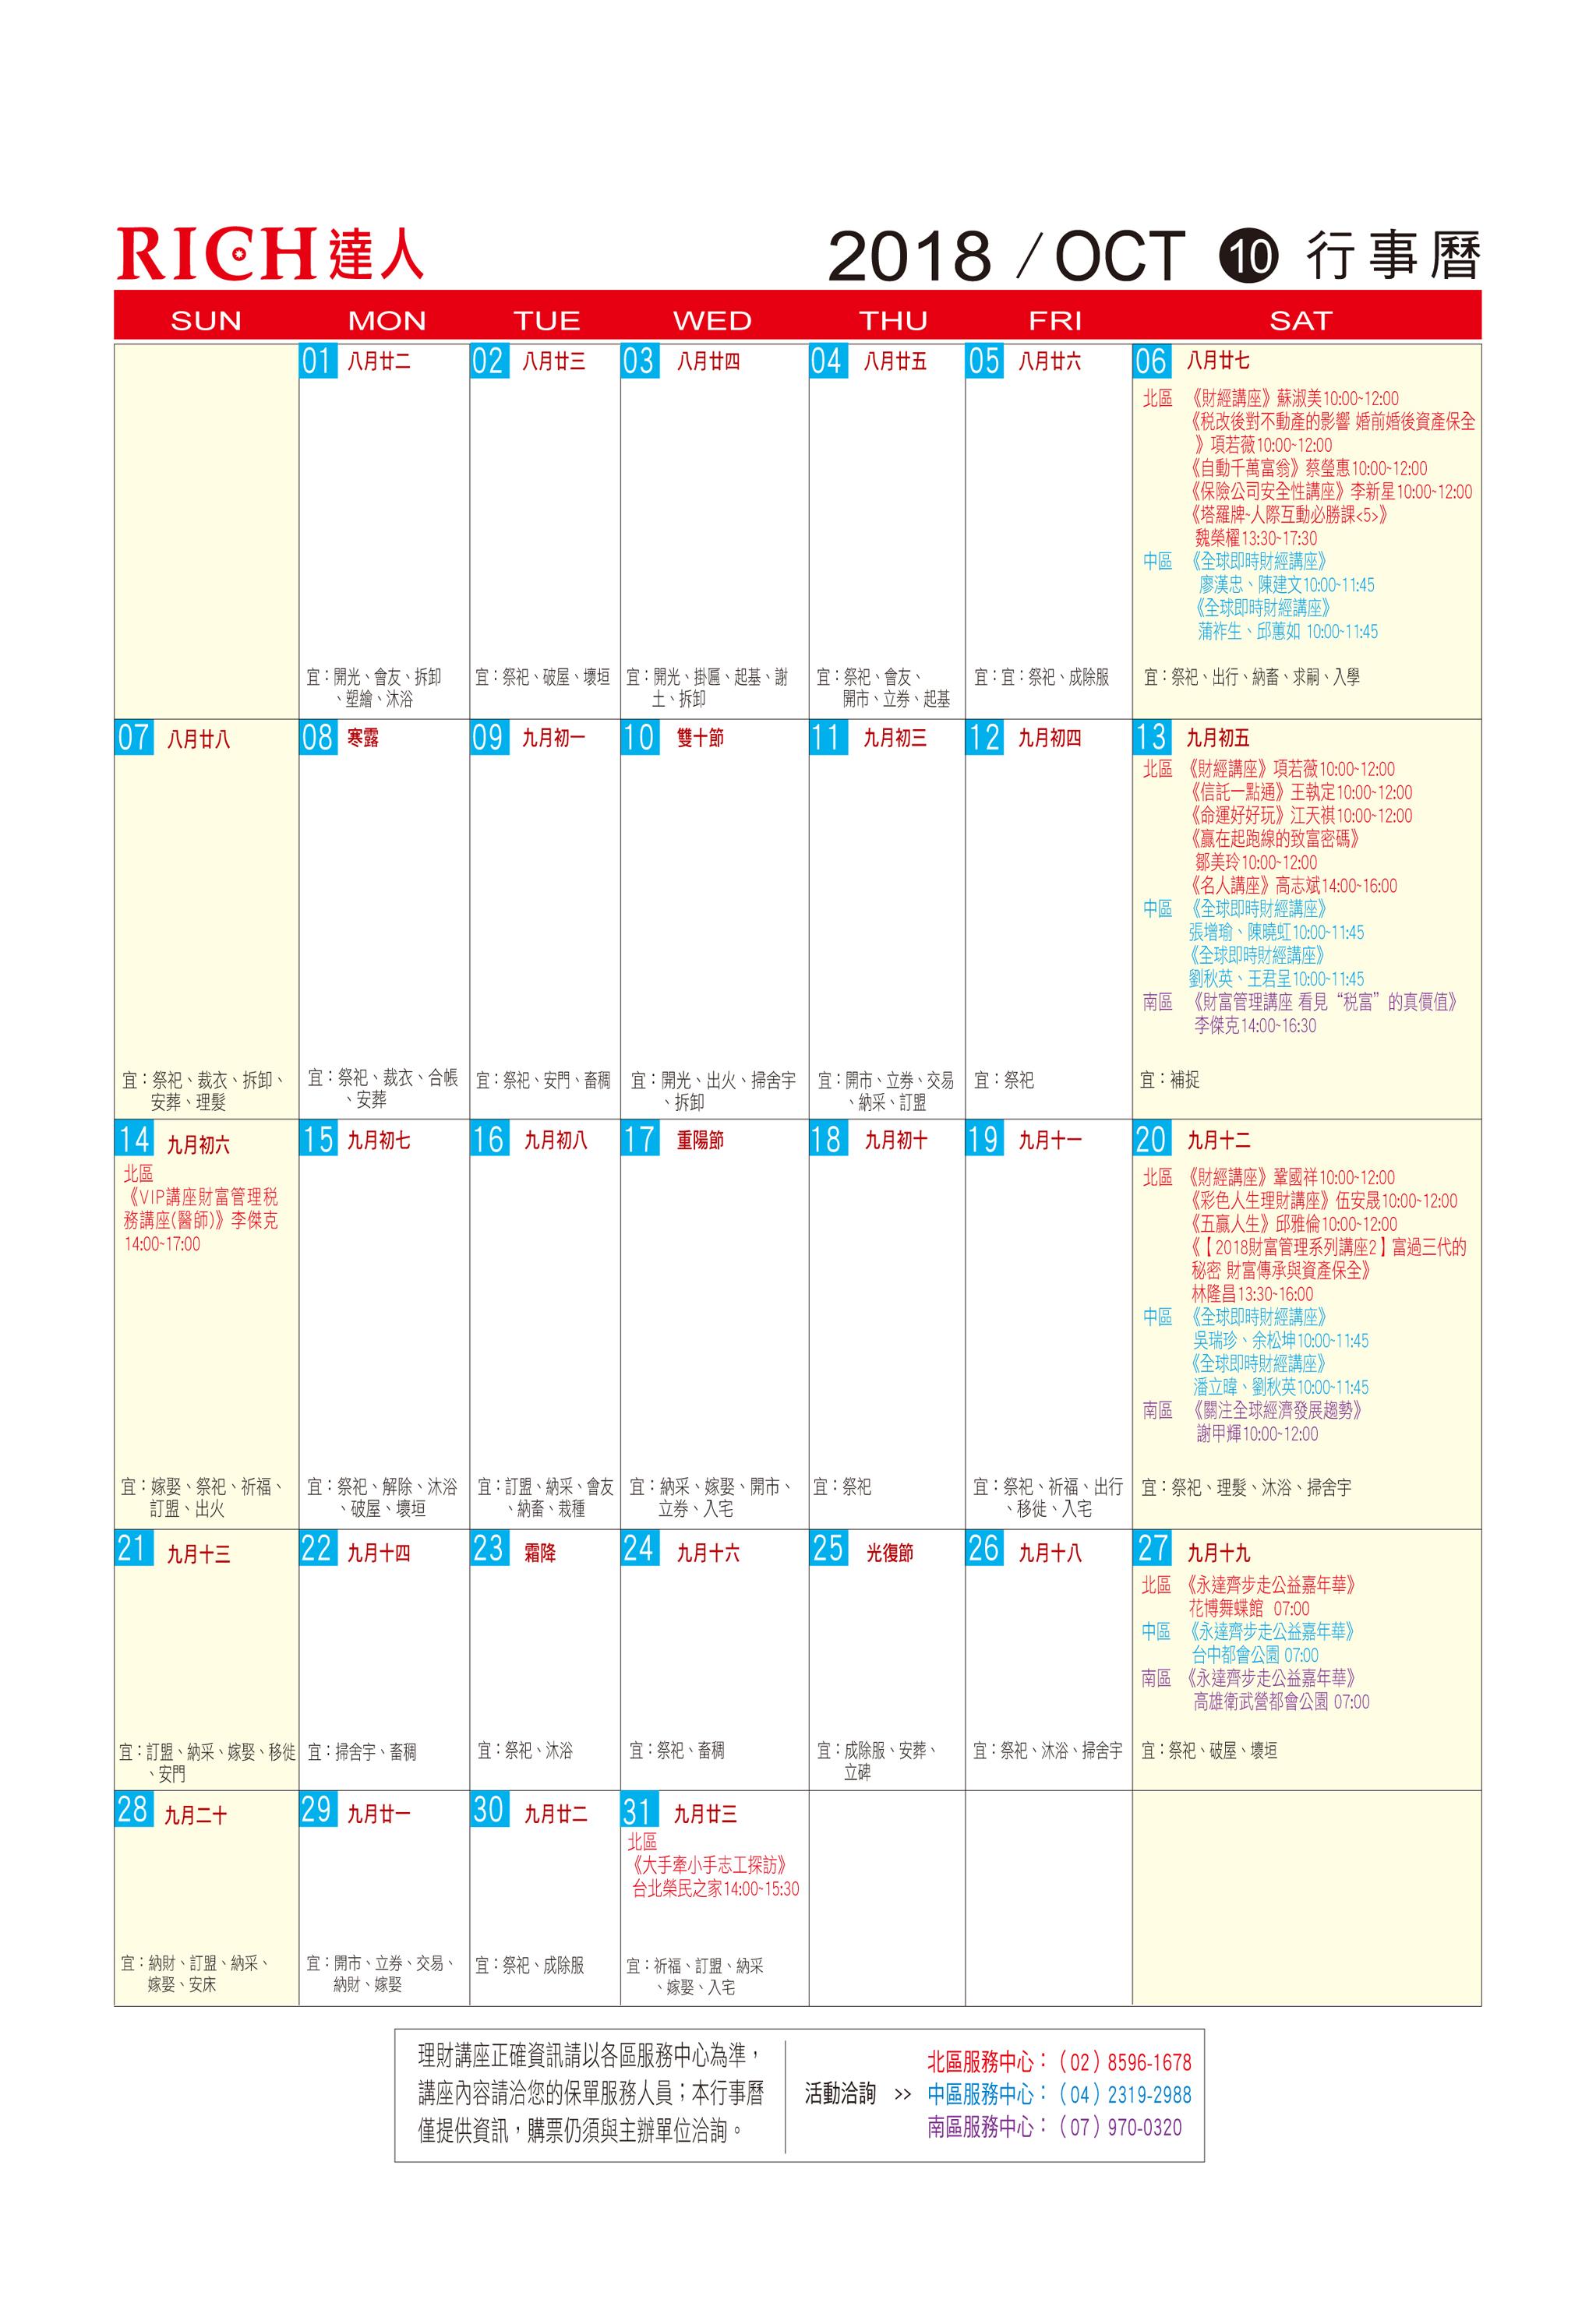 永達10月活動行事曆